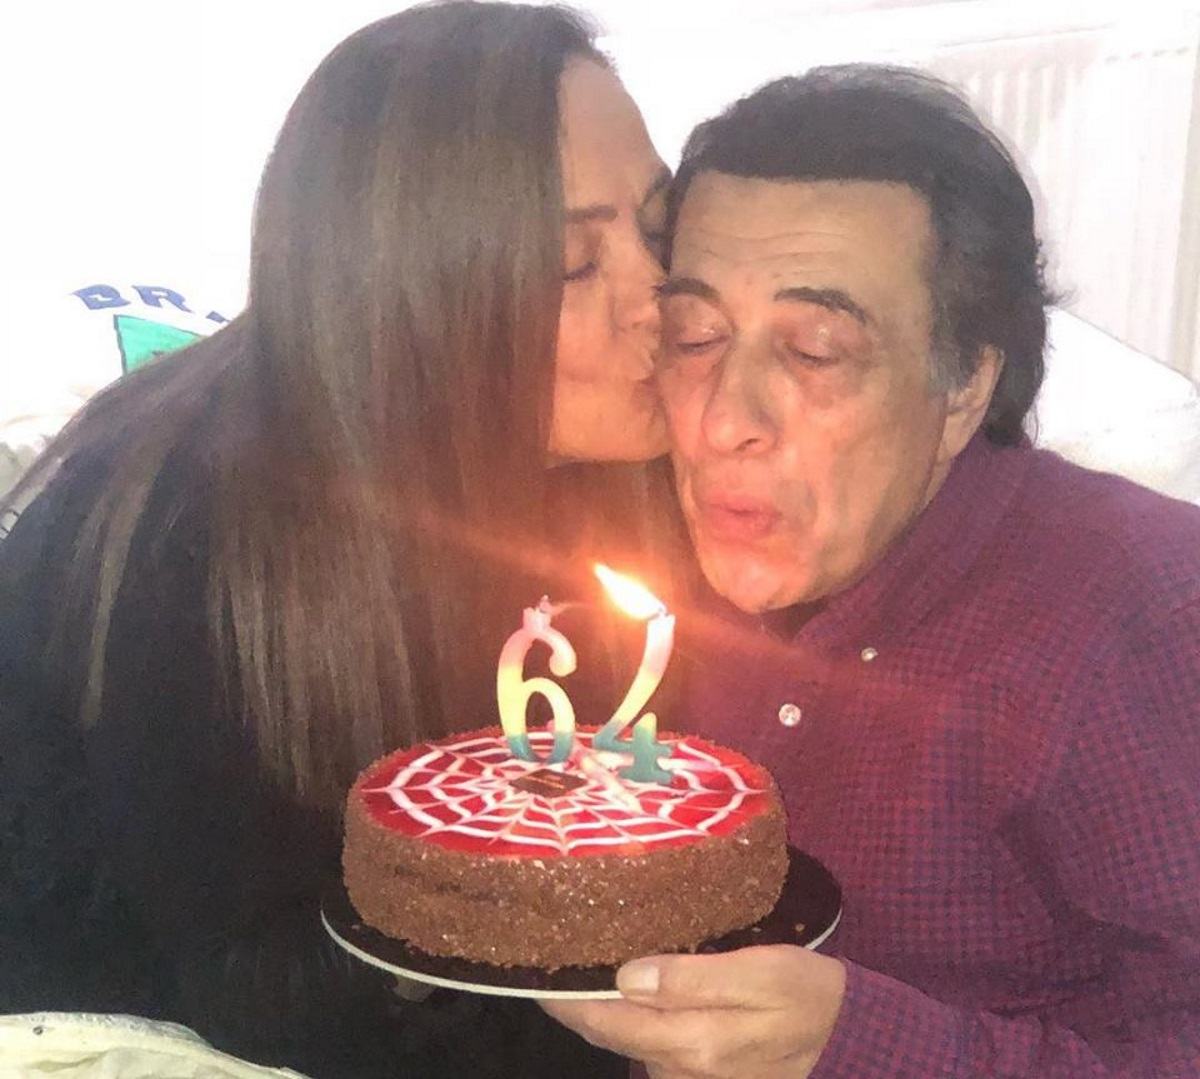 Αντύπας: Γιόρτασε τα γενέθλιά του με τη γυναίκα του! Η εντυπωσιακή τούρτα του τραγουδιστή [pics,video]